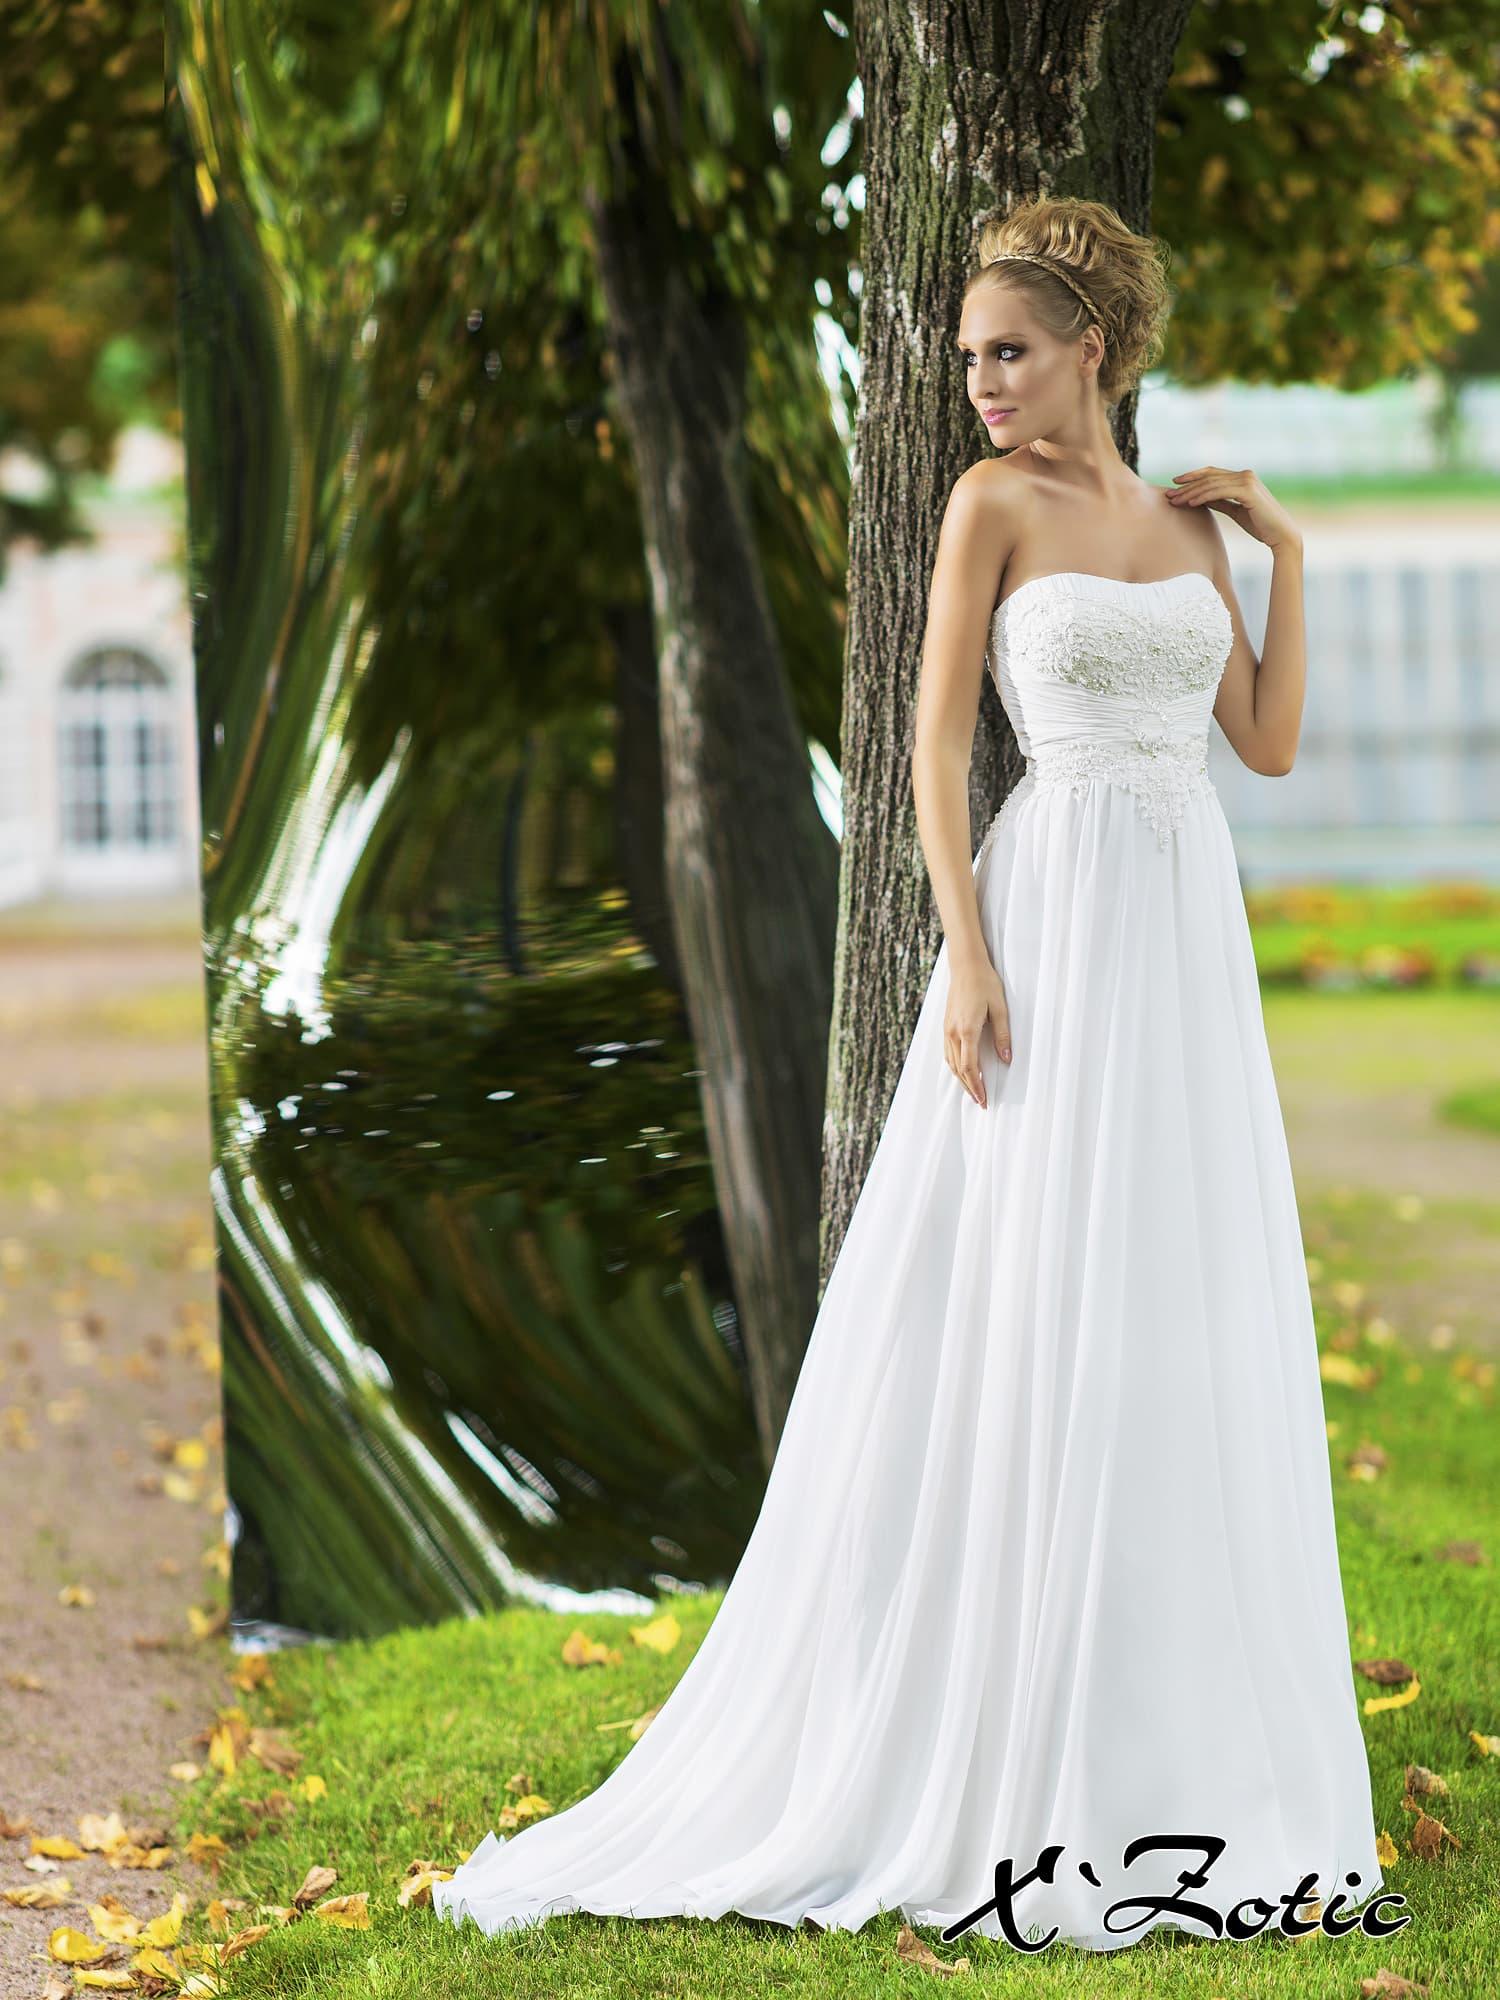 Ампирное свадебное платье с элегантной юбкой и кружевным декором открытого лифа.